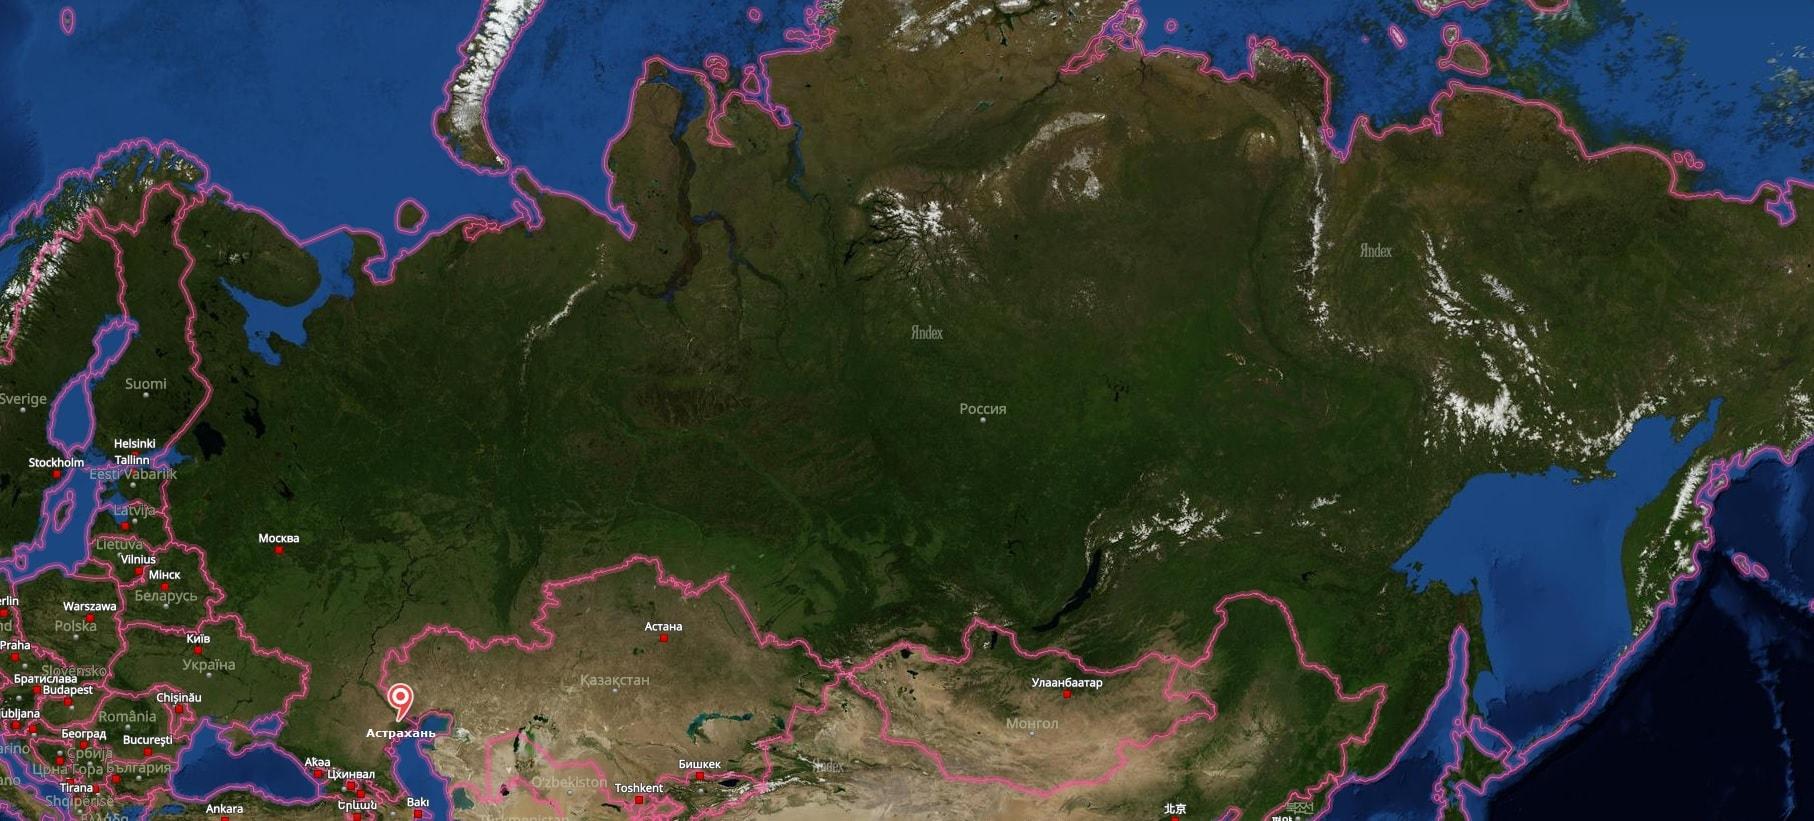 Астрахань на карте России